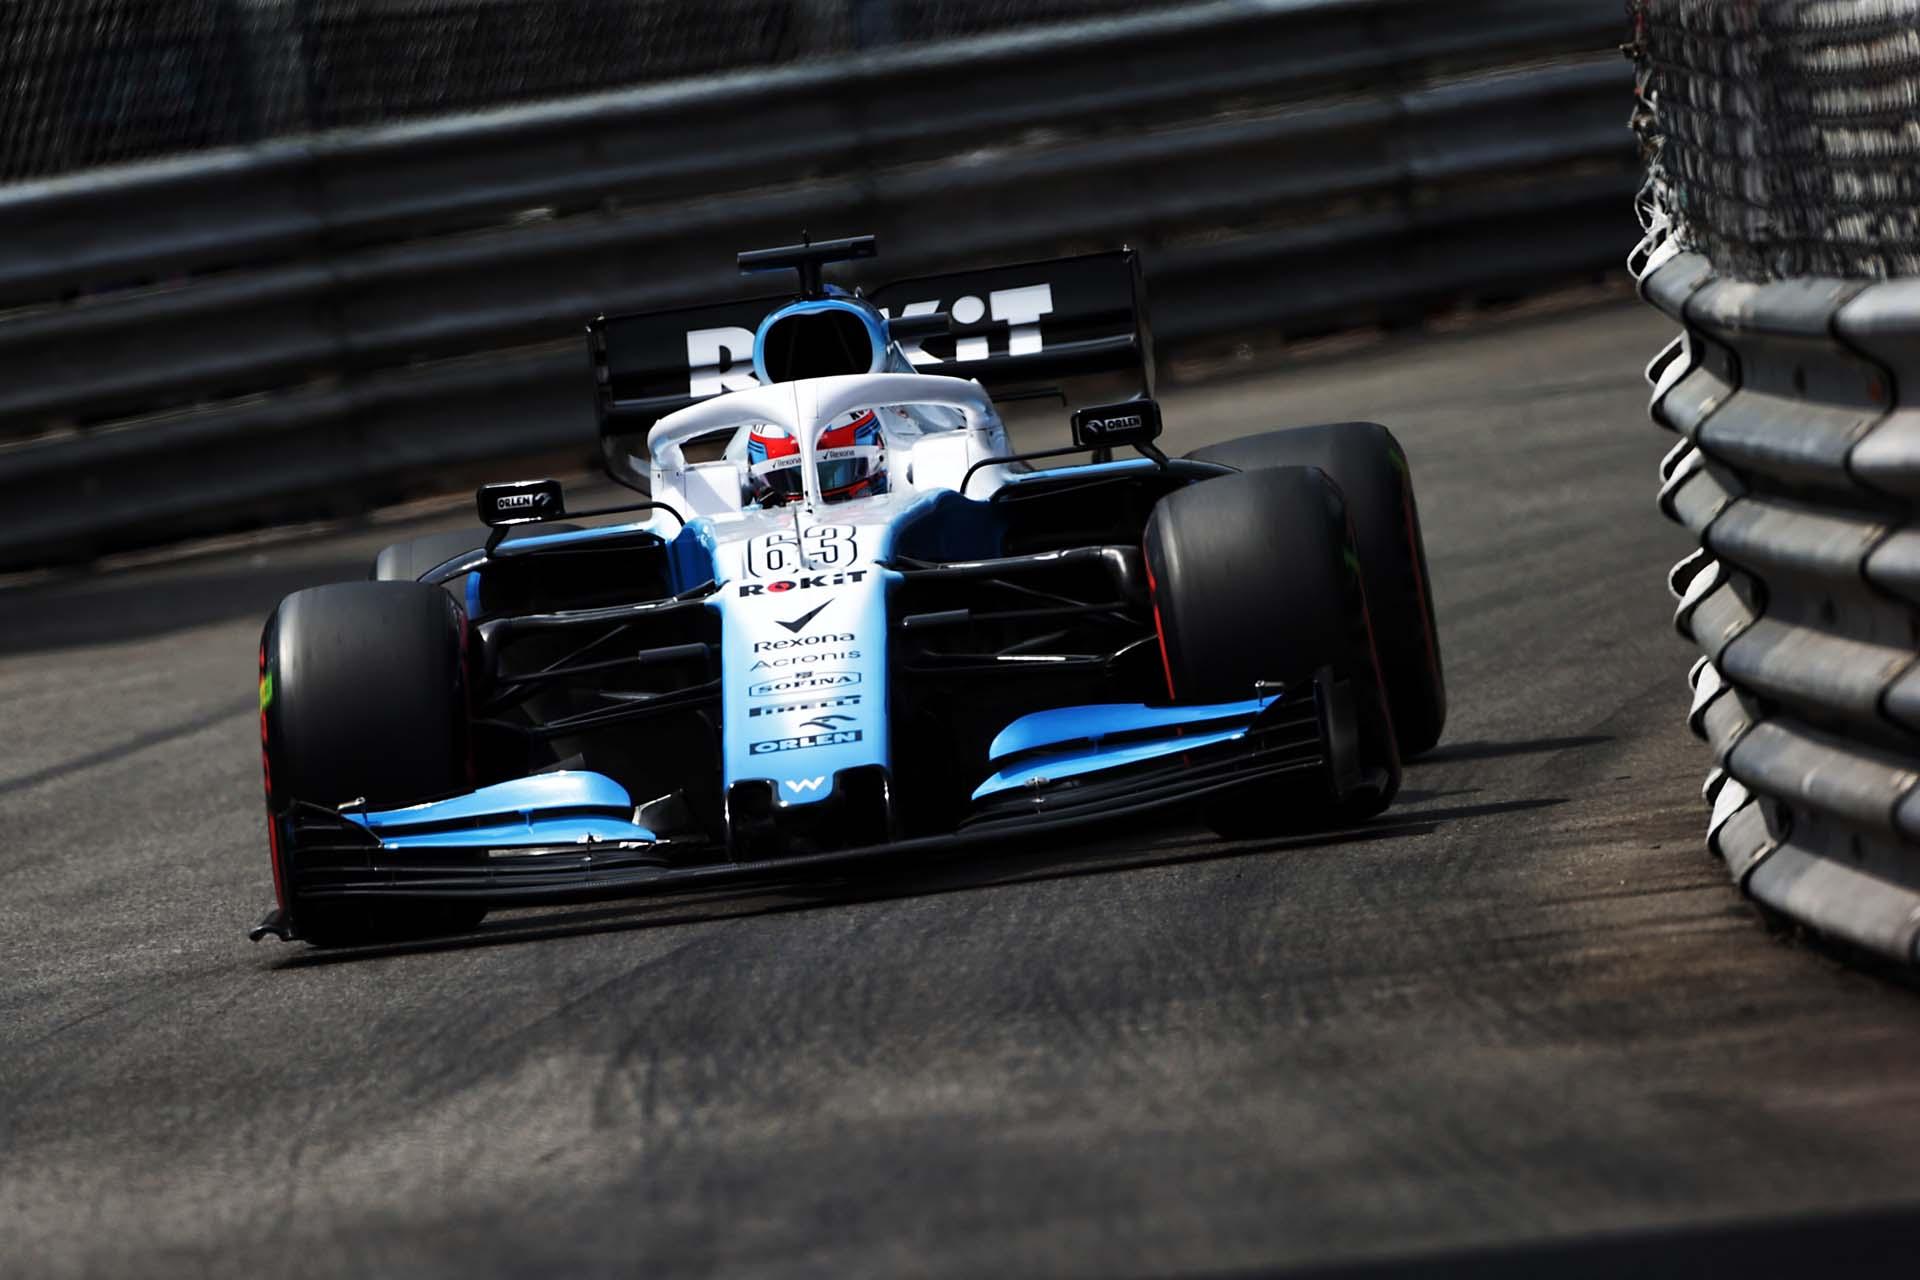 Motor Racing - Formula One World Championship - Monaco Grand Prix - Saturday - Monte Carlo, Monaco